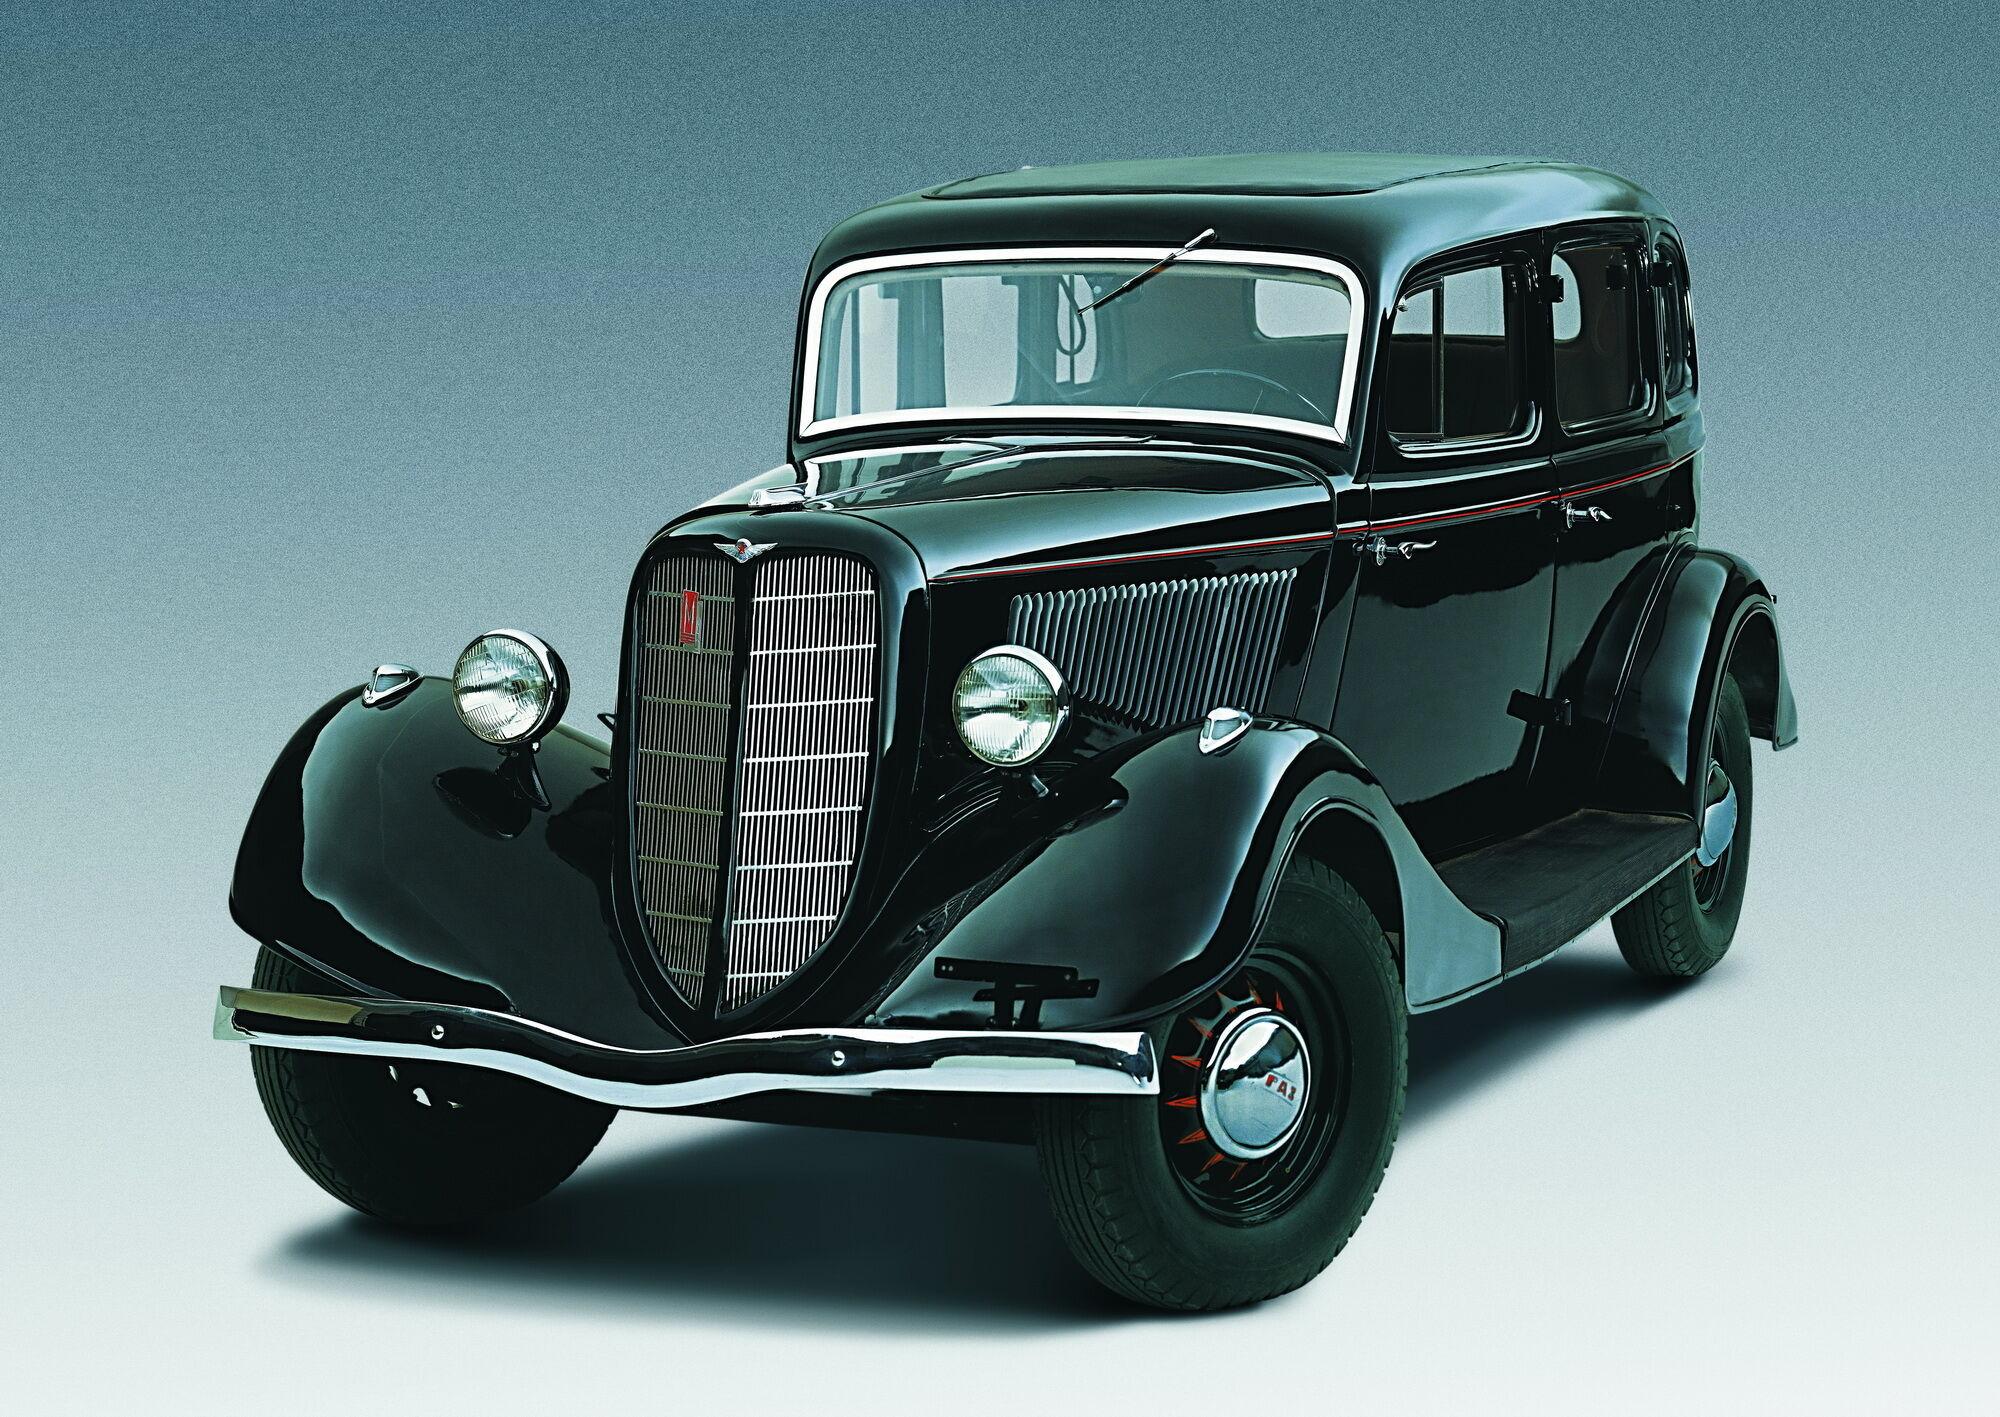 ГАЗ-М1 – один із таких автомобілів подарували Олексієві Стаханову.